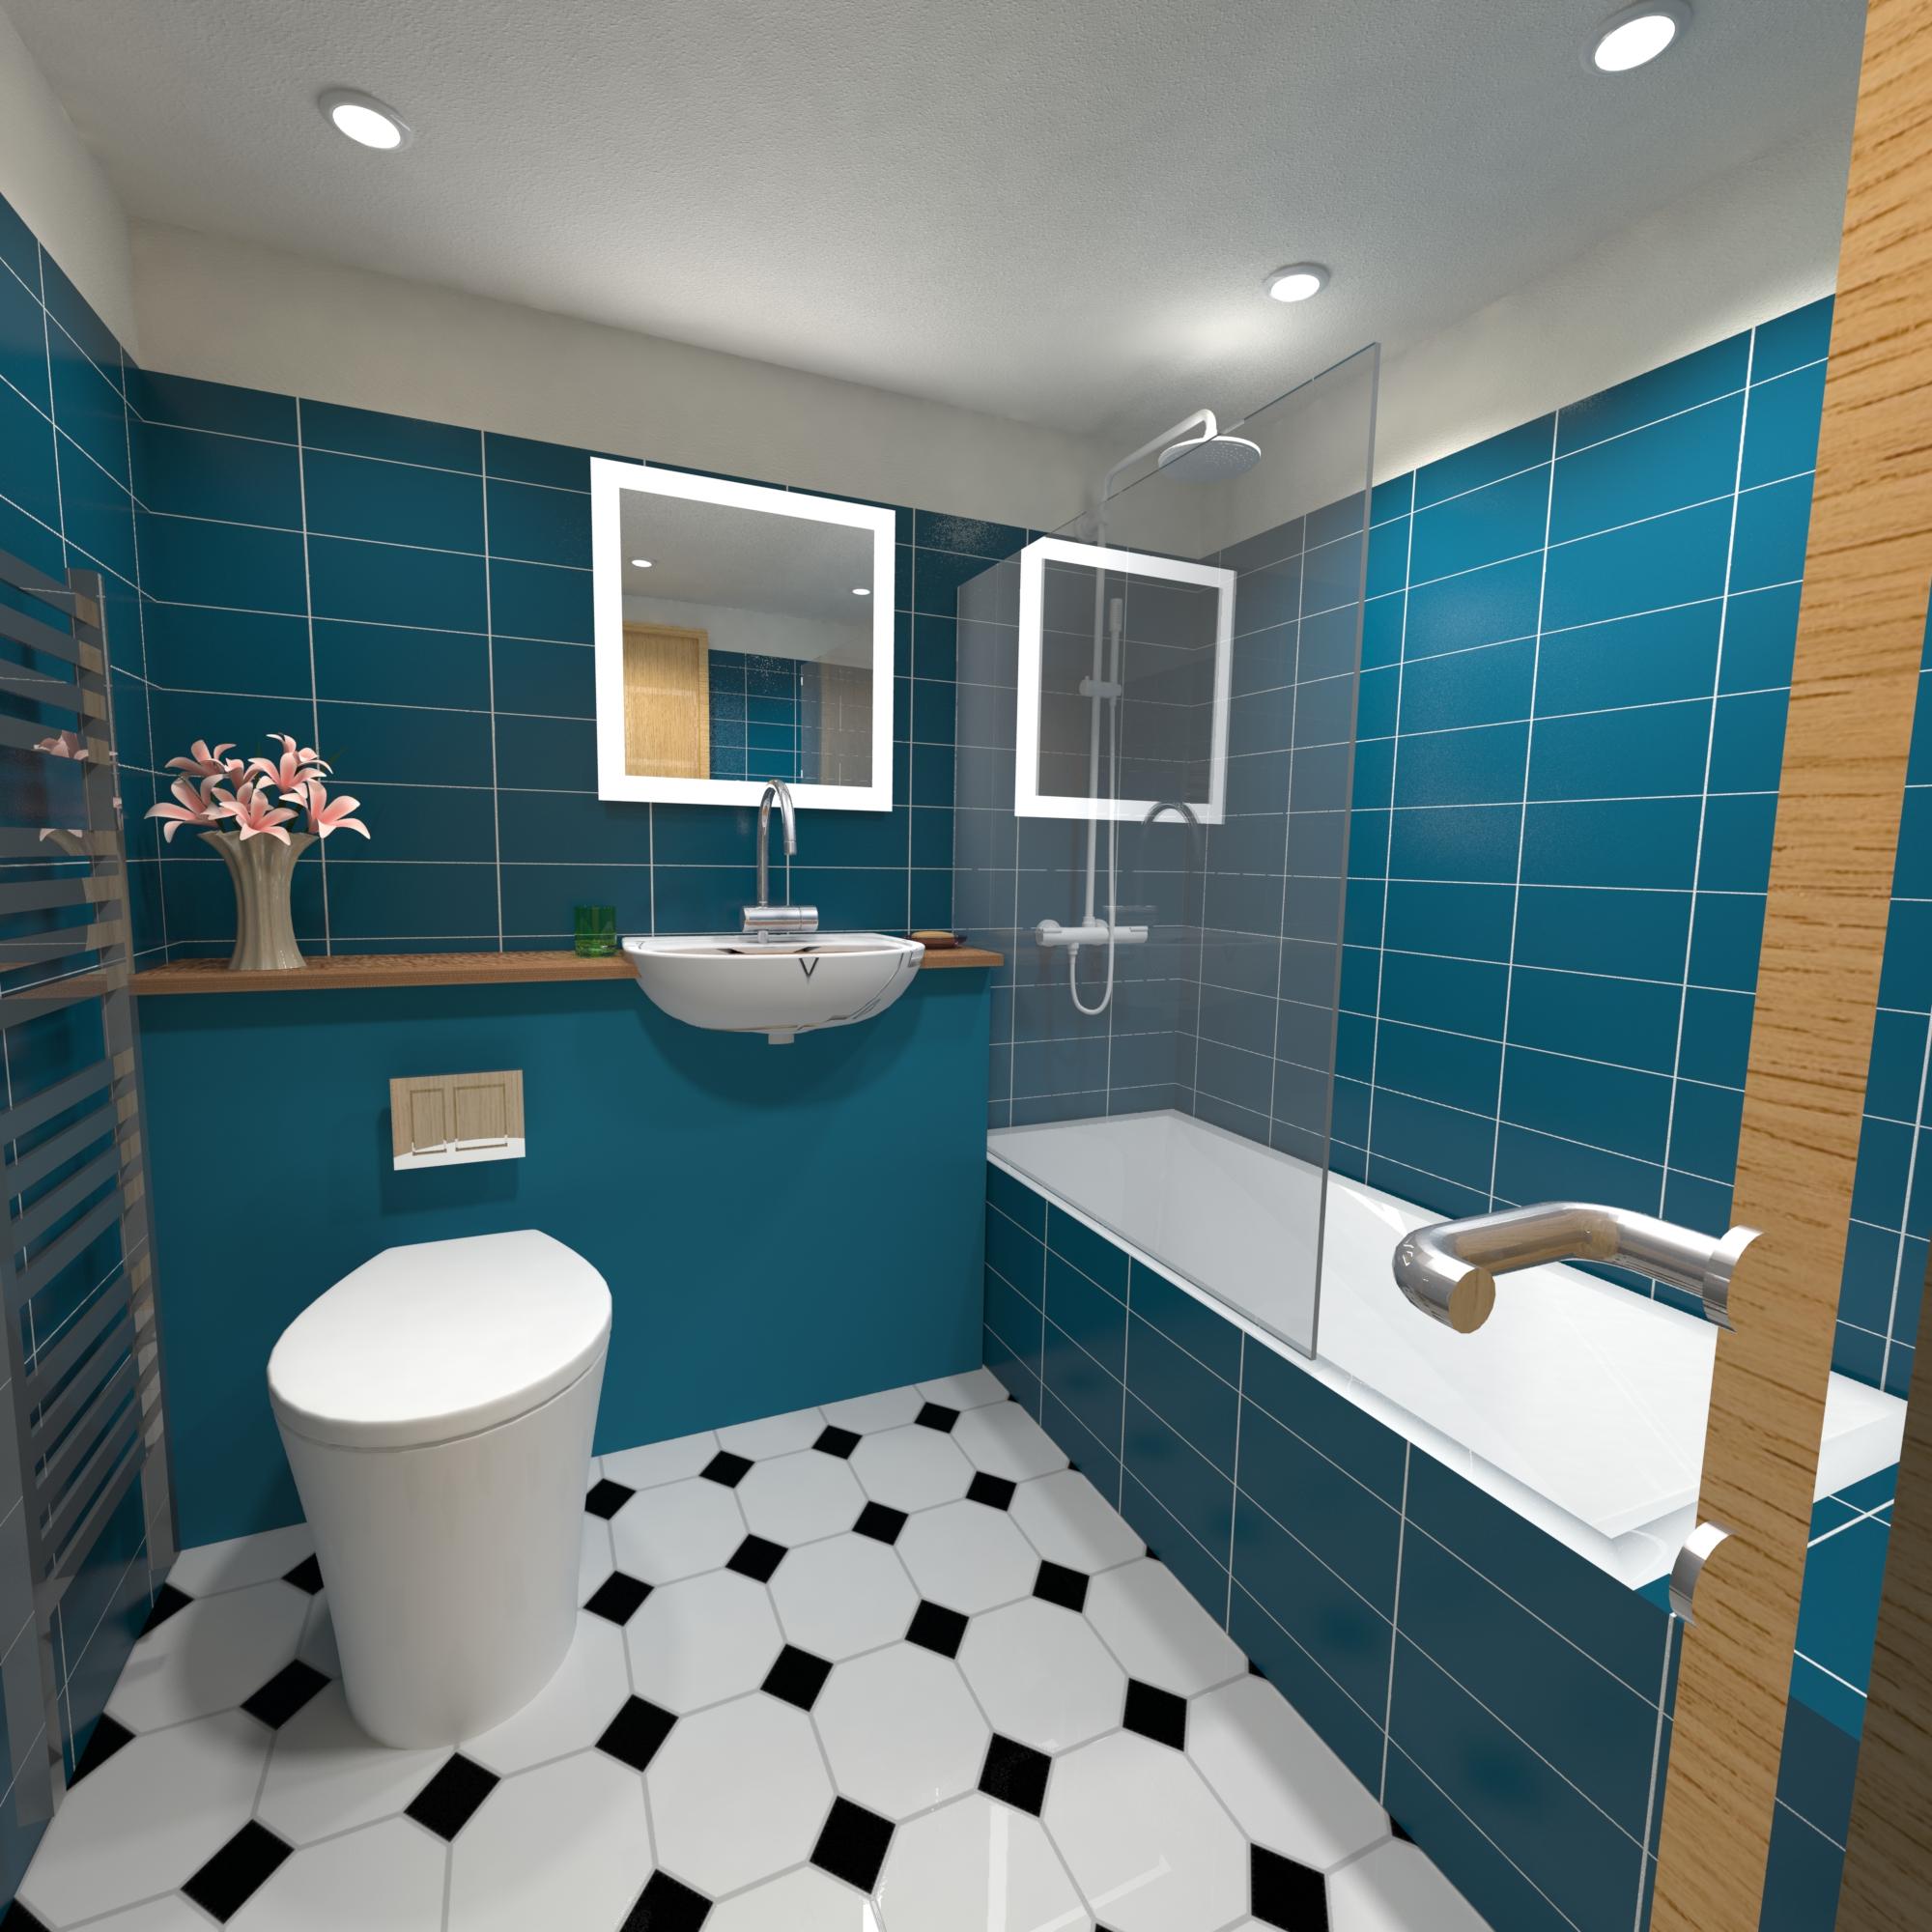 BathroomModoRender04.JPG